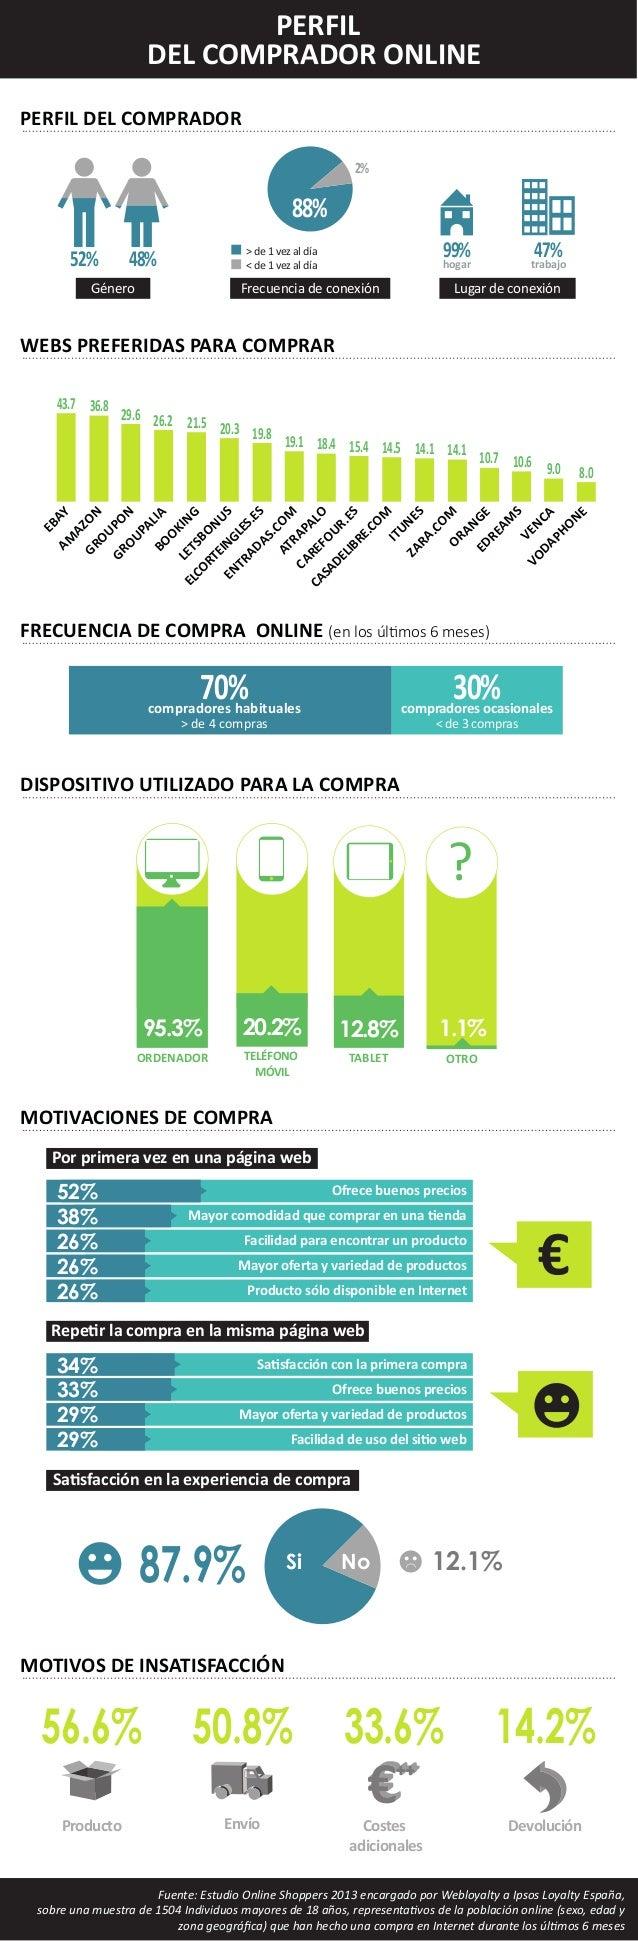 PERFIL DEL COMPRADOR ONLINE PERFIL DEL COMPRADOR 2%  88% 52%  99% hogar  > de 1 vez al día < de 1 vez al día  48%  Género ...